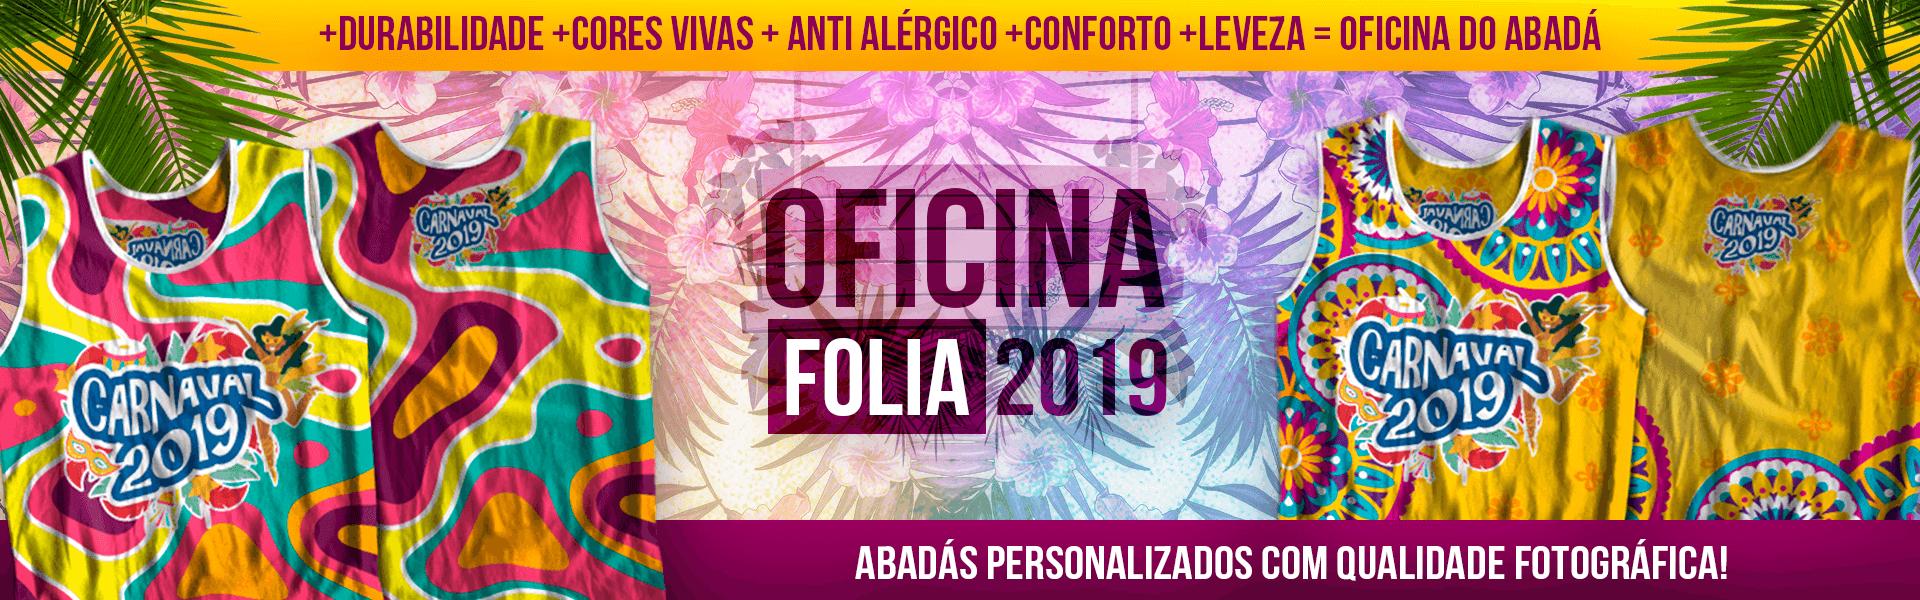 banner-desktop-carnaval-2019